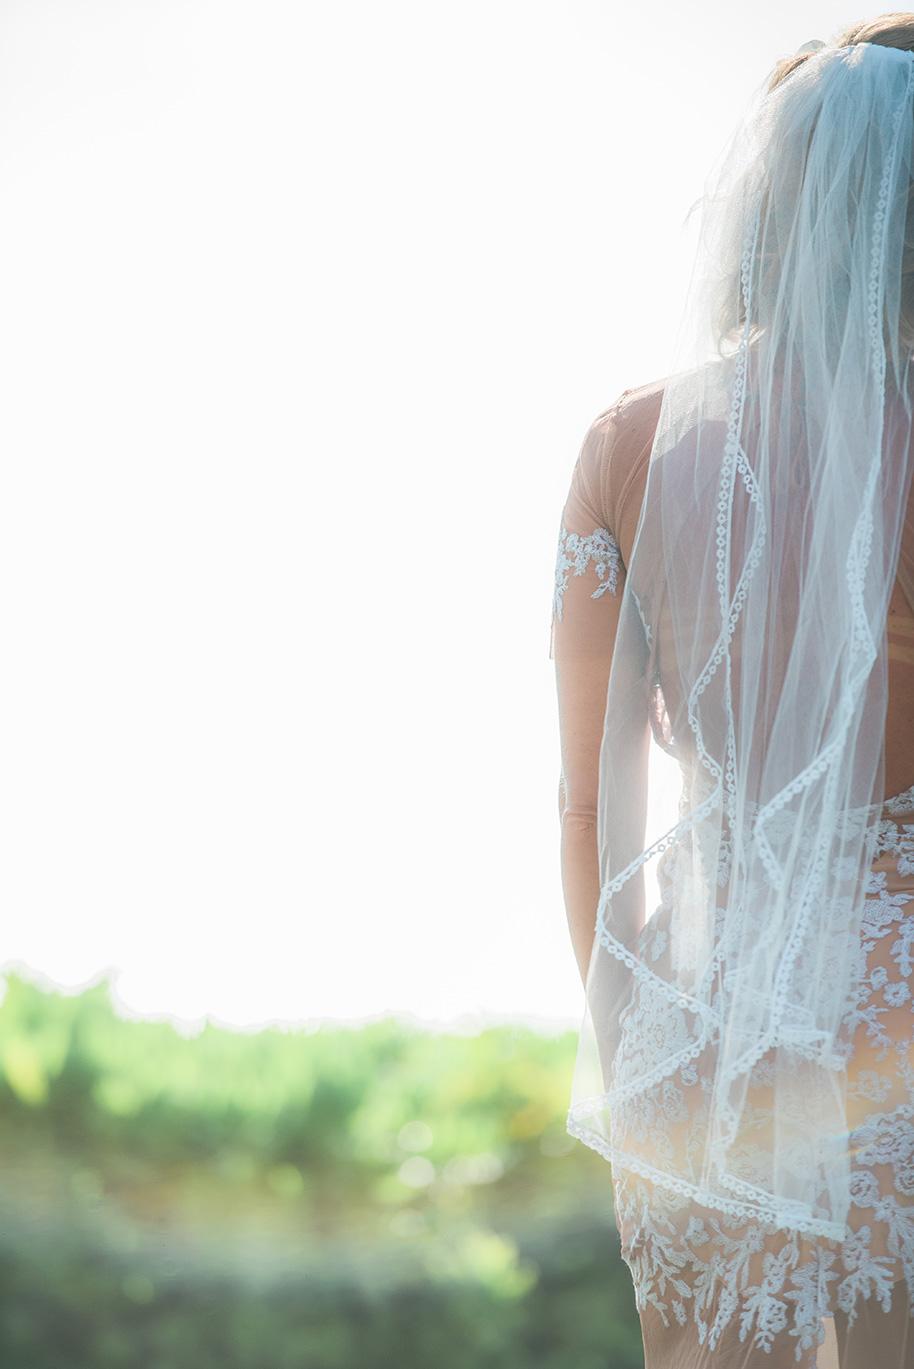 Lanikuhonua-Wedding-052316-15